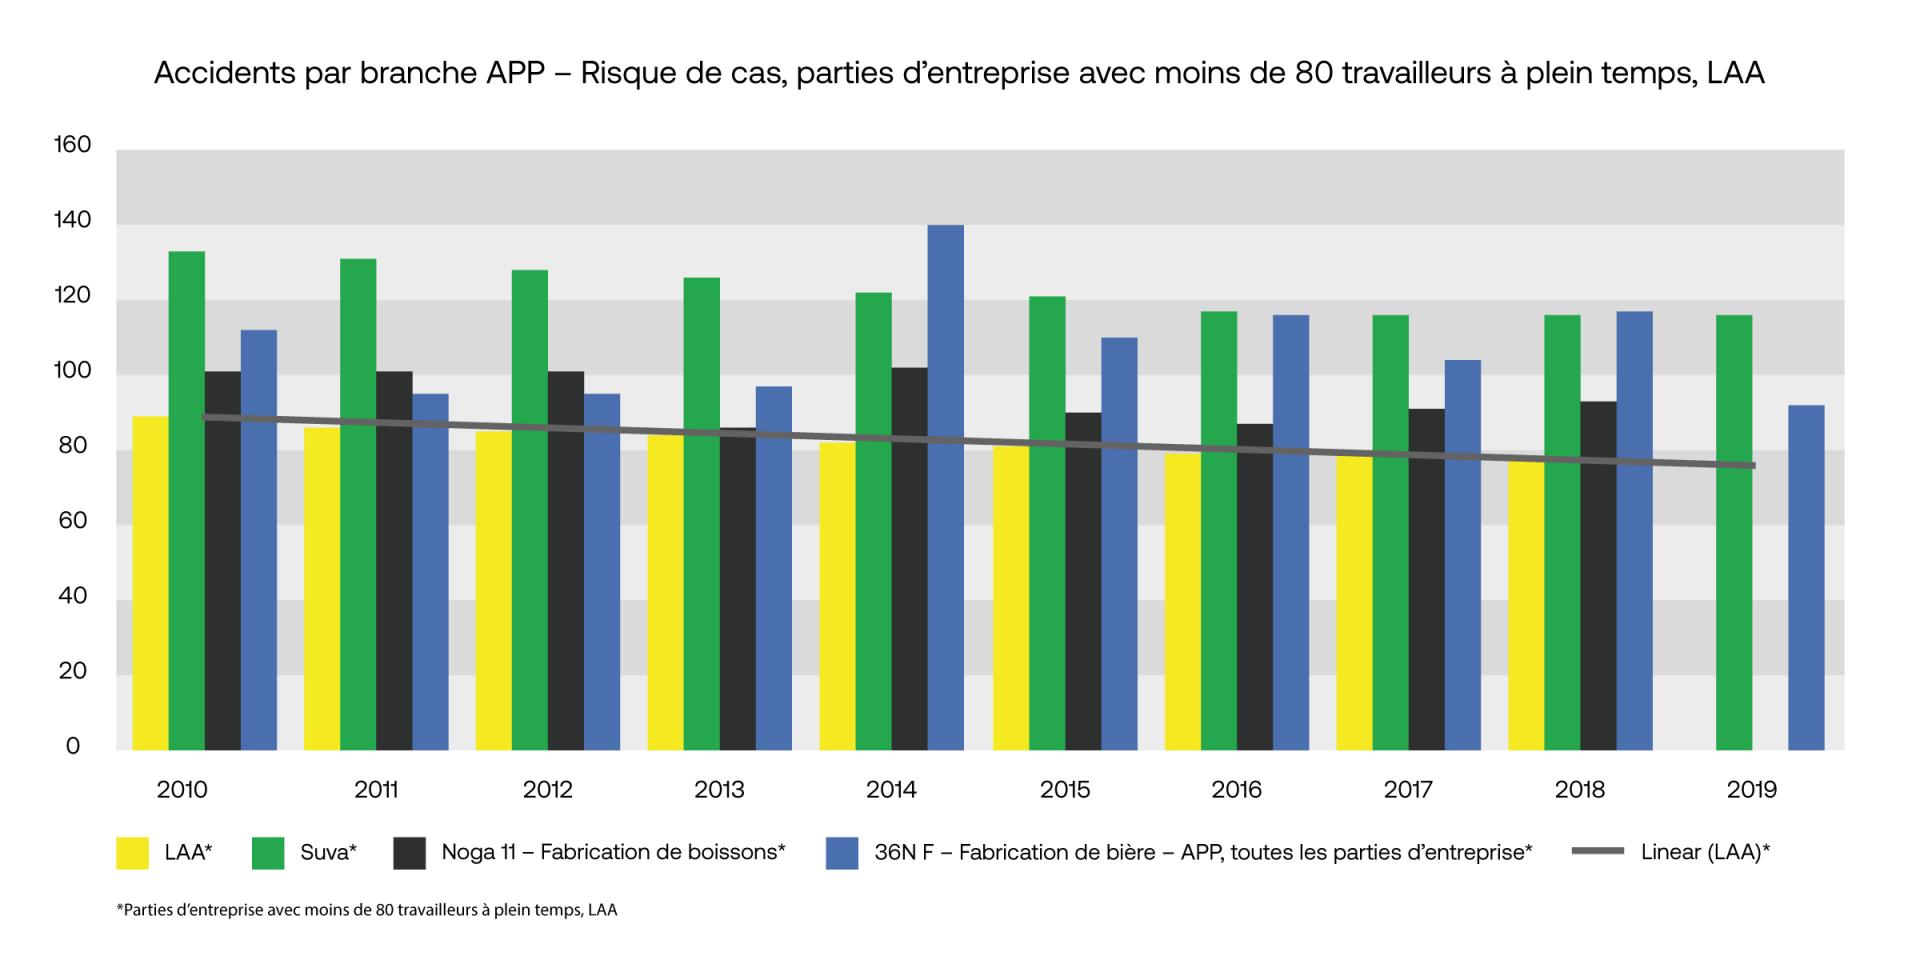 Risque de cas (AAP, parties d'entreprise avec moins de 80 travailleurs à plein temps, LAA)